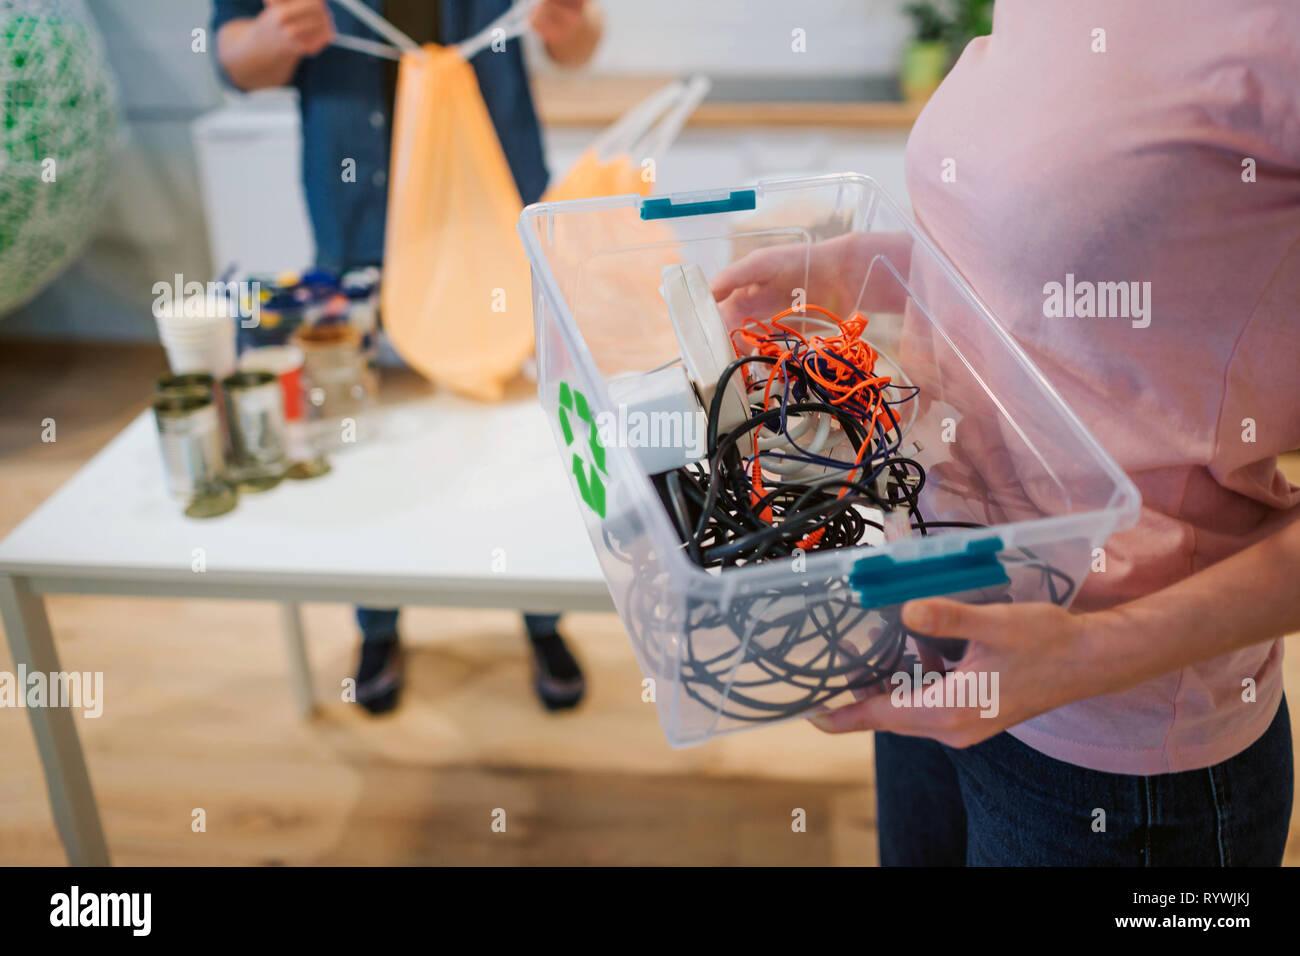 Concetto di riciclaggio. Mescolati rifiuti elettronici in plastica contaner close-up. Responsabile della donna è la protezione dell'ambiente, mentre la cernita dei rifiuti a casa Immagini Stock